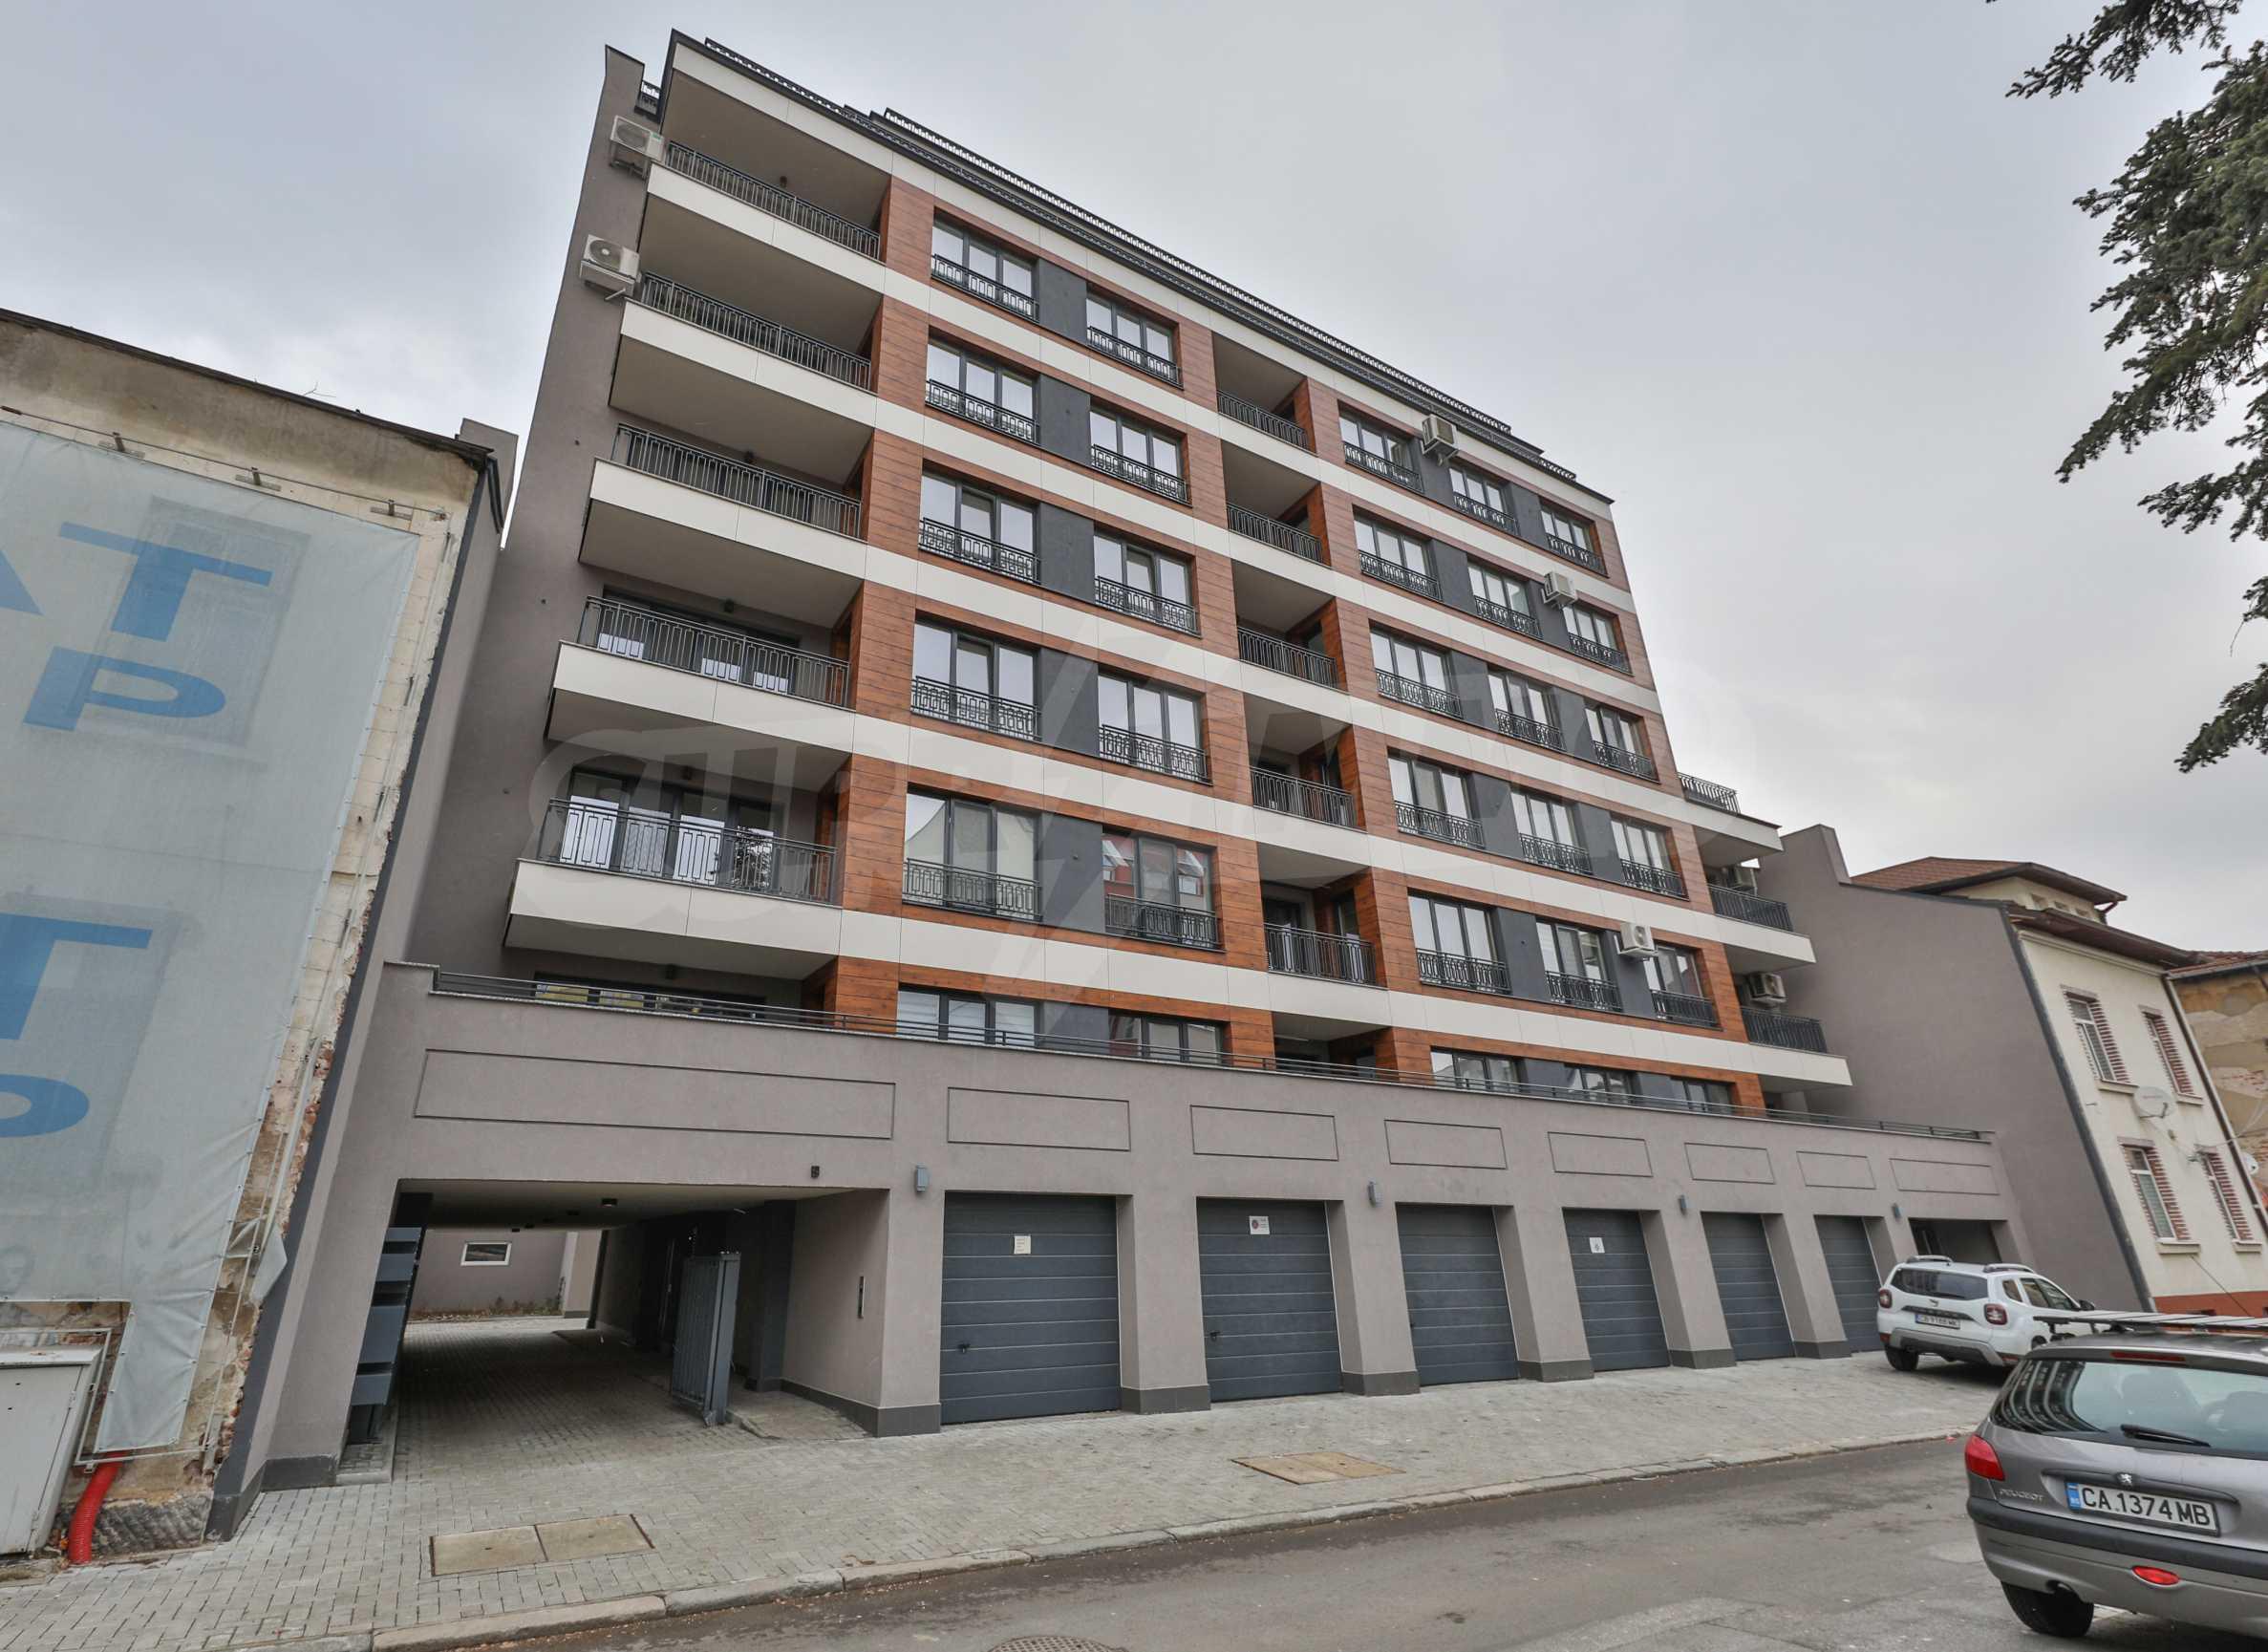 Нов, дизайнерски обзаведен двустаен апартамент с гараж в Центъра до метростанция и парк 16